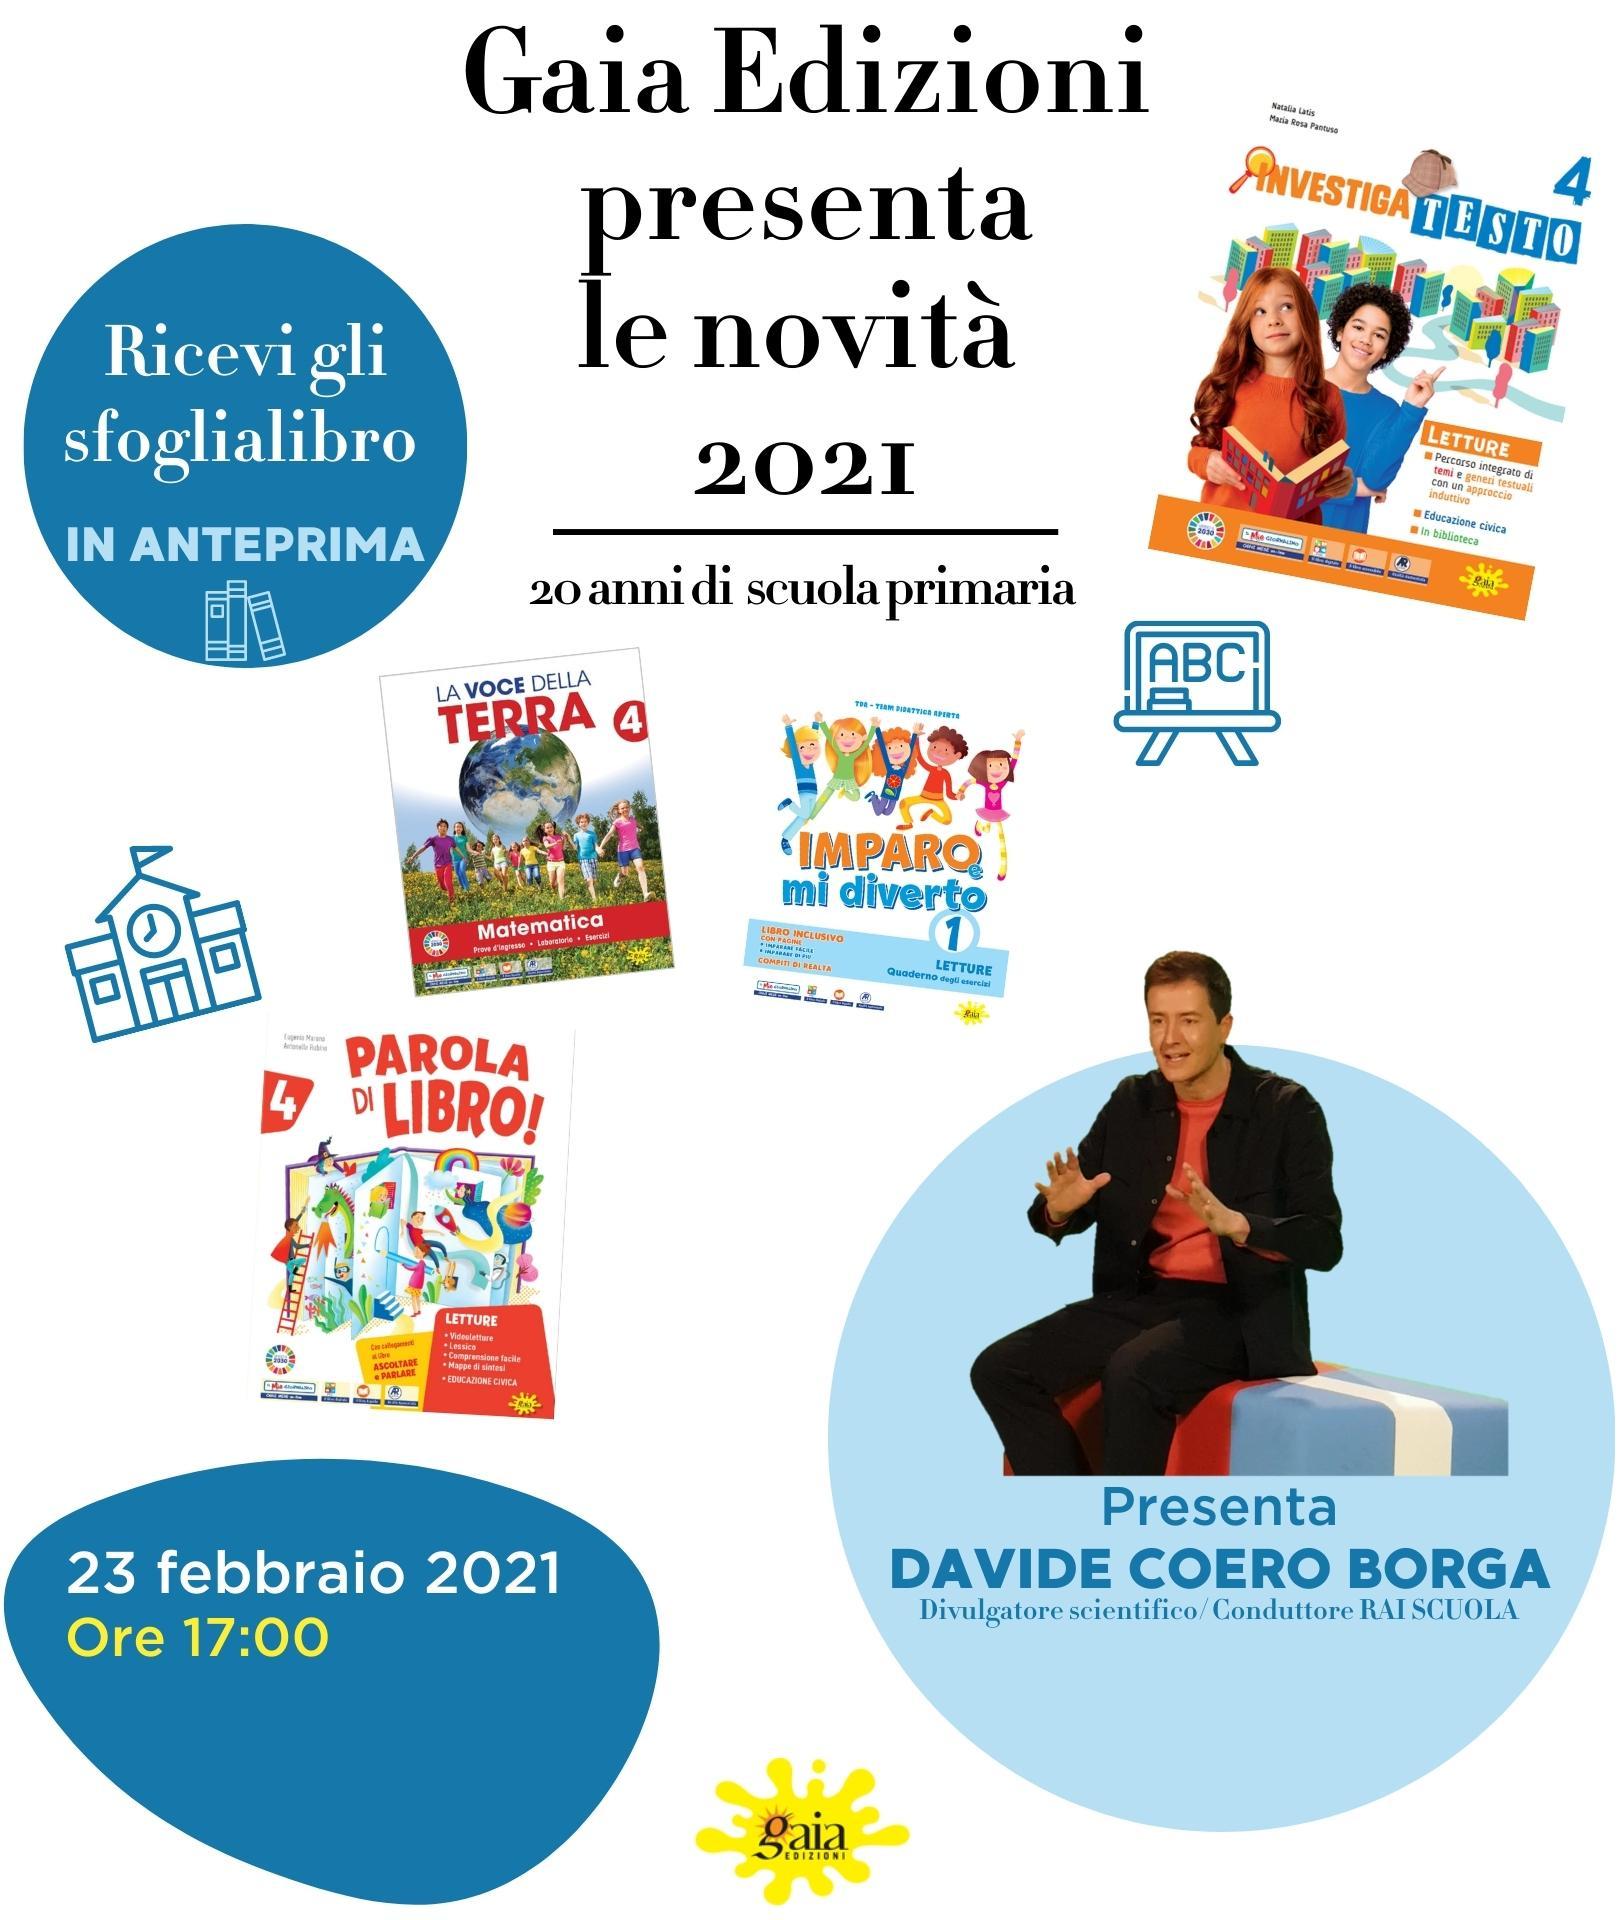 evento presentazione novità adozionali Gaia Edizioni